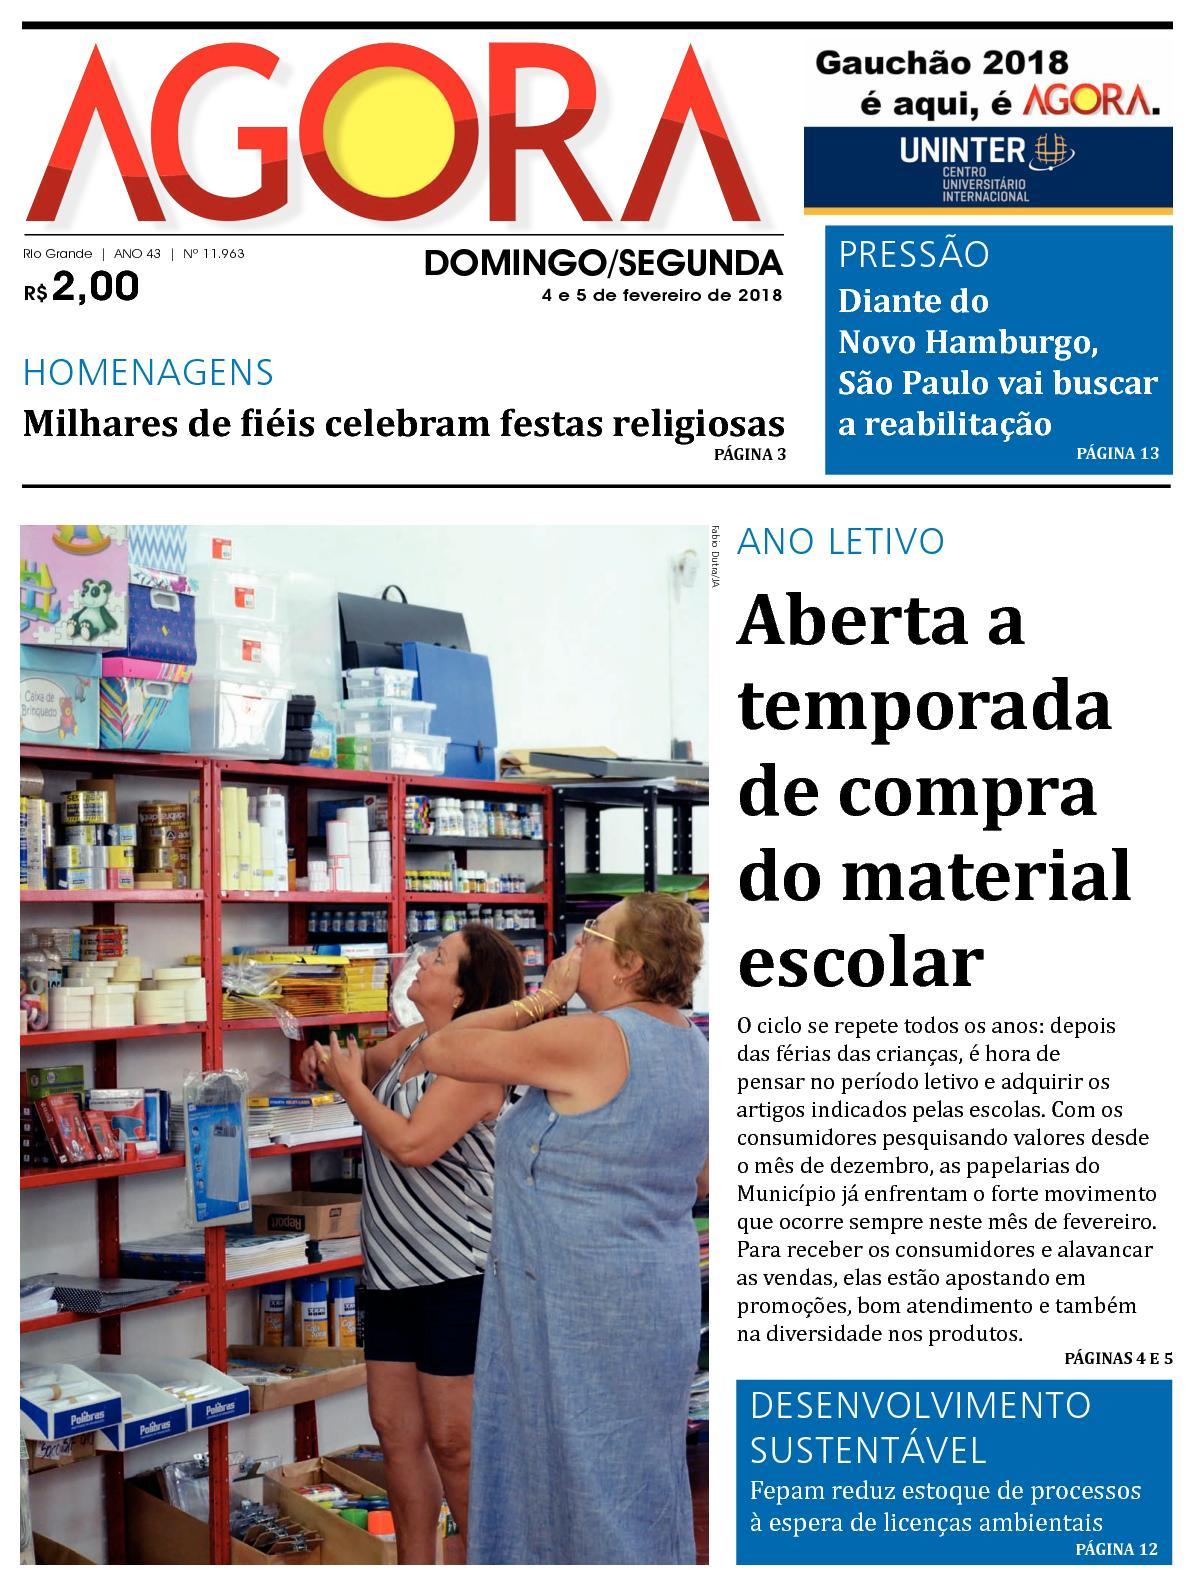 bd395404d2cc Calaméo - Jornal Agora - Edição 11963 - 4 e 5 de Fevereiro de 2018